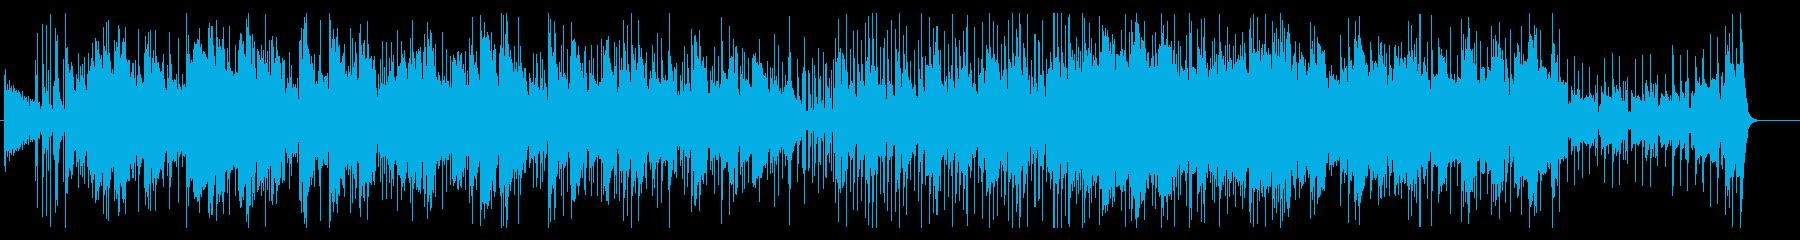 海辺のJazz Rockの再生済みの波形